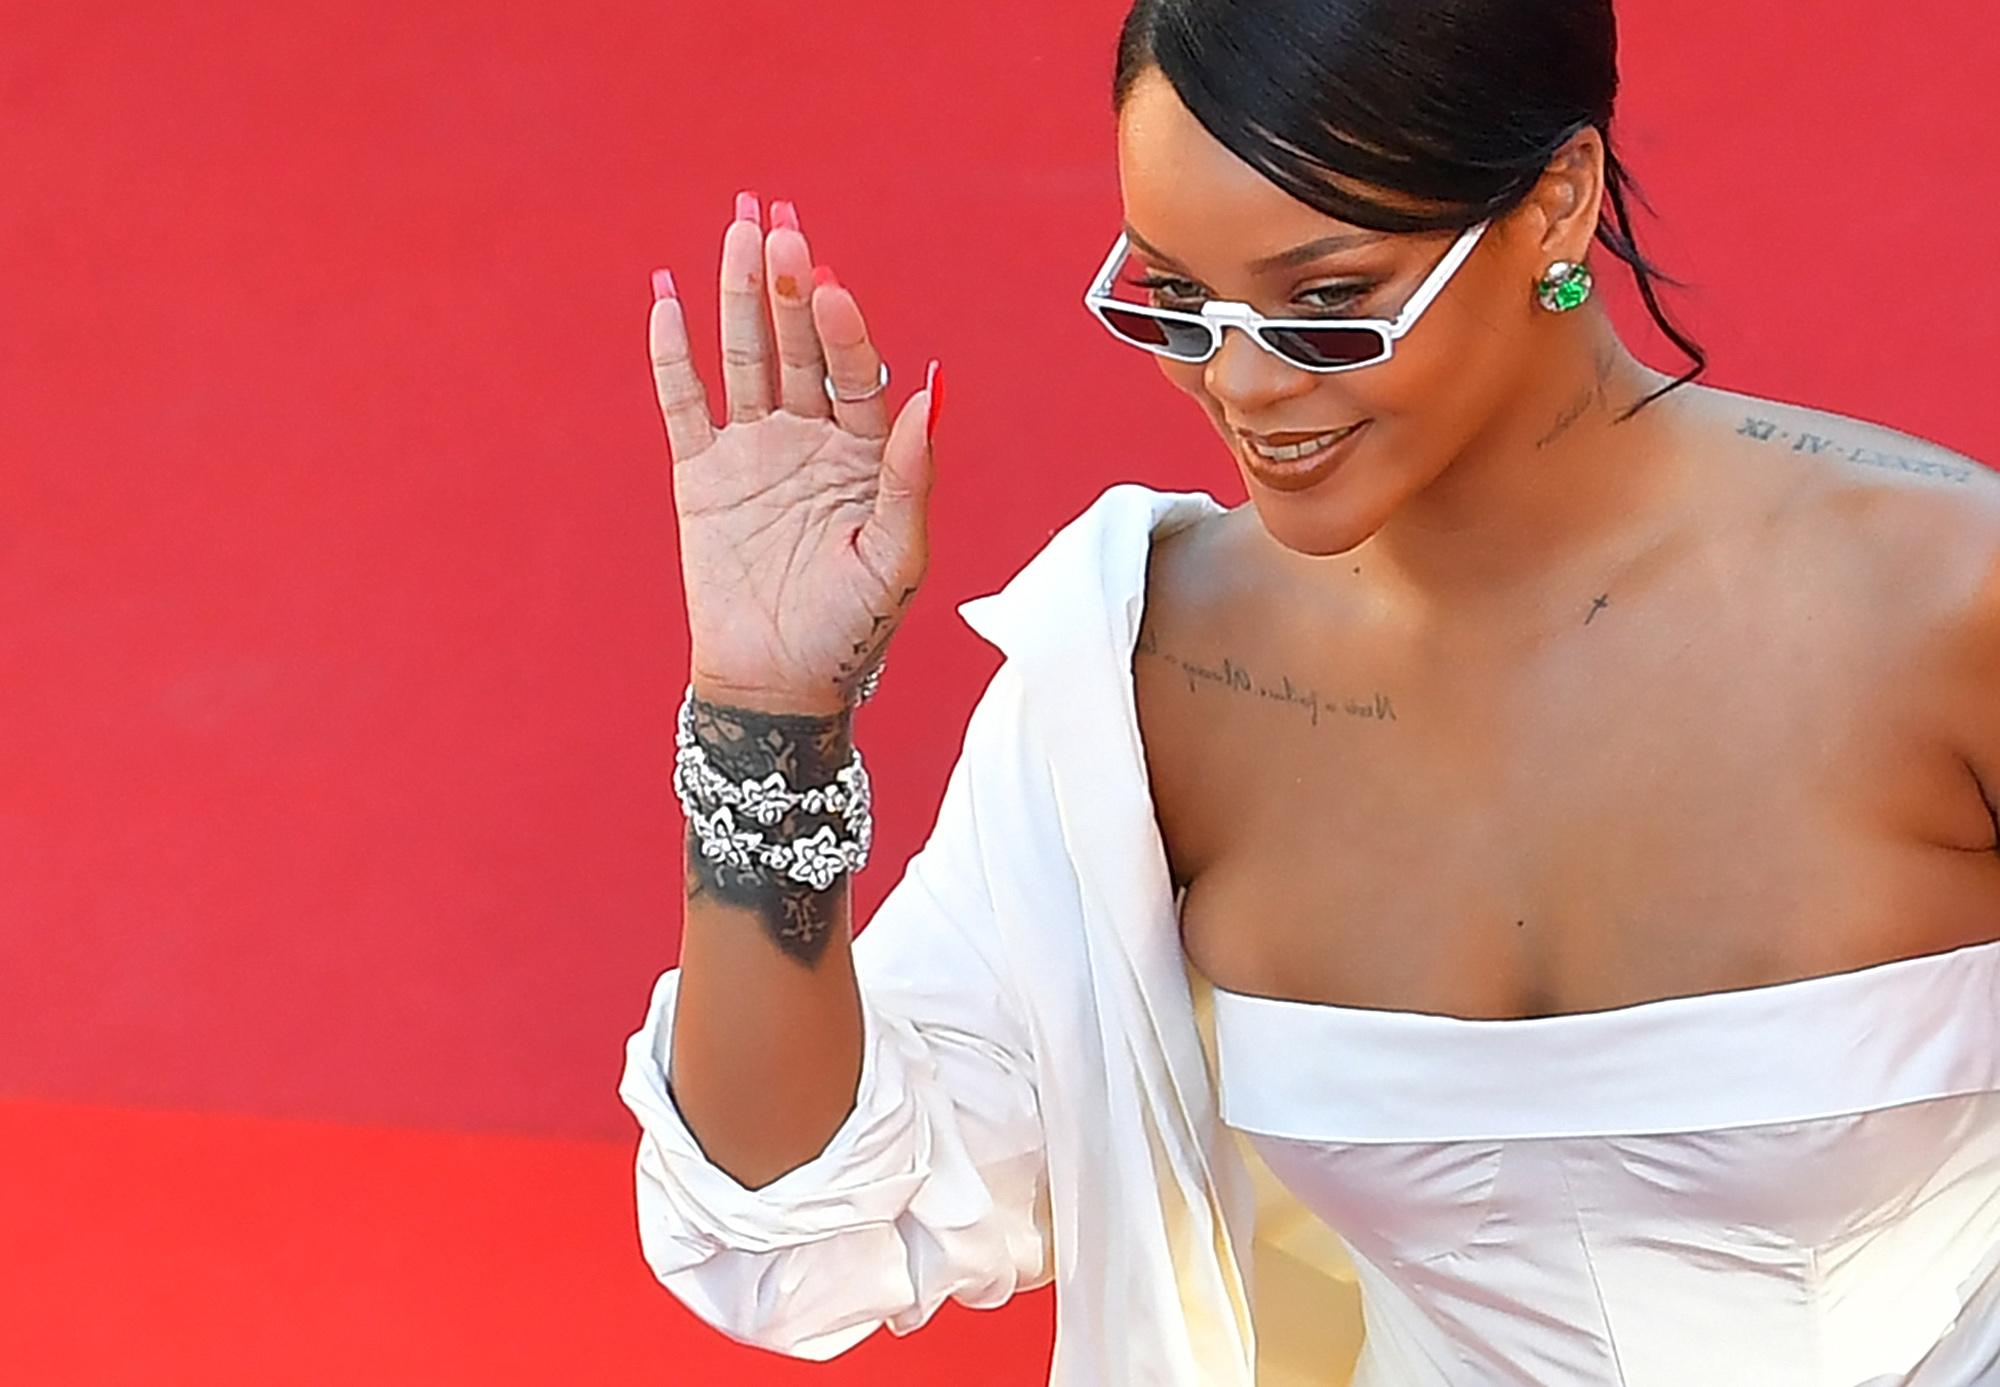 Vallási csoportok tiltakoznak Rihanna szenegáli látogatása ellen, mert szabadkőművesnek tartják